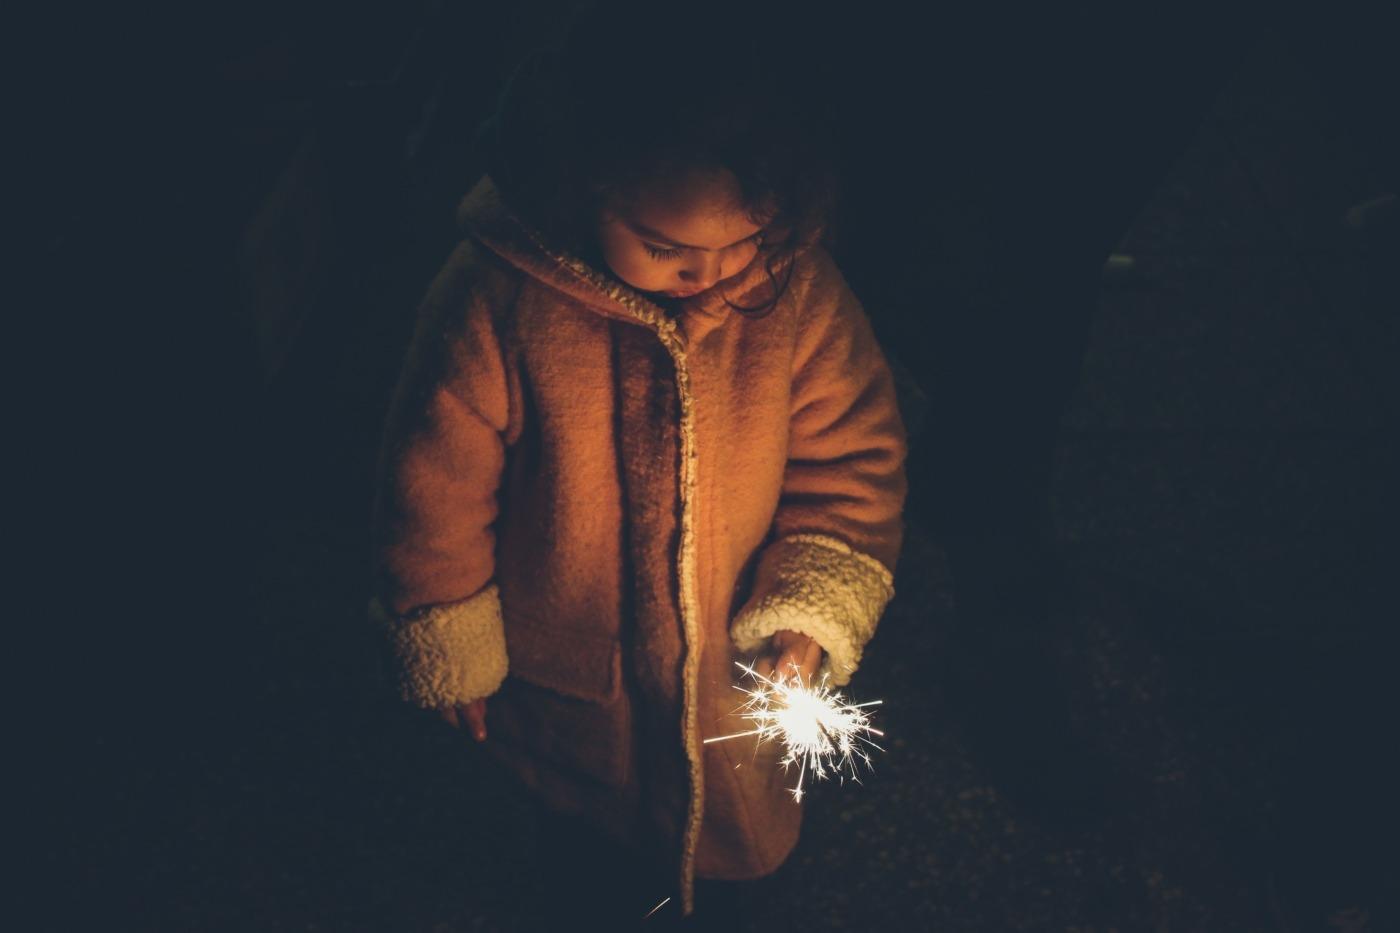 Children/ Image: Unsplash